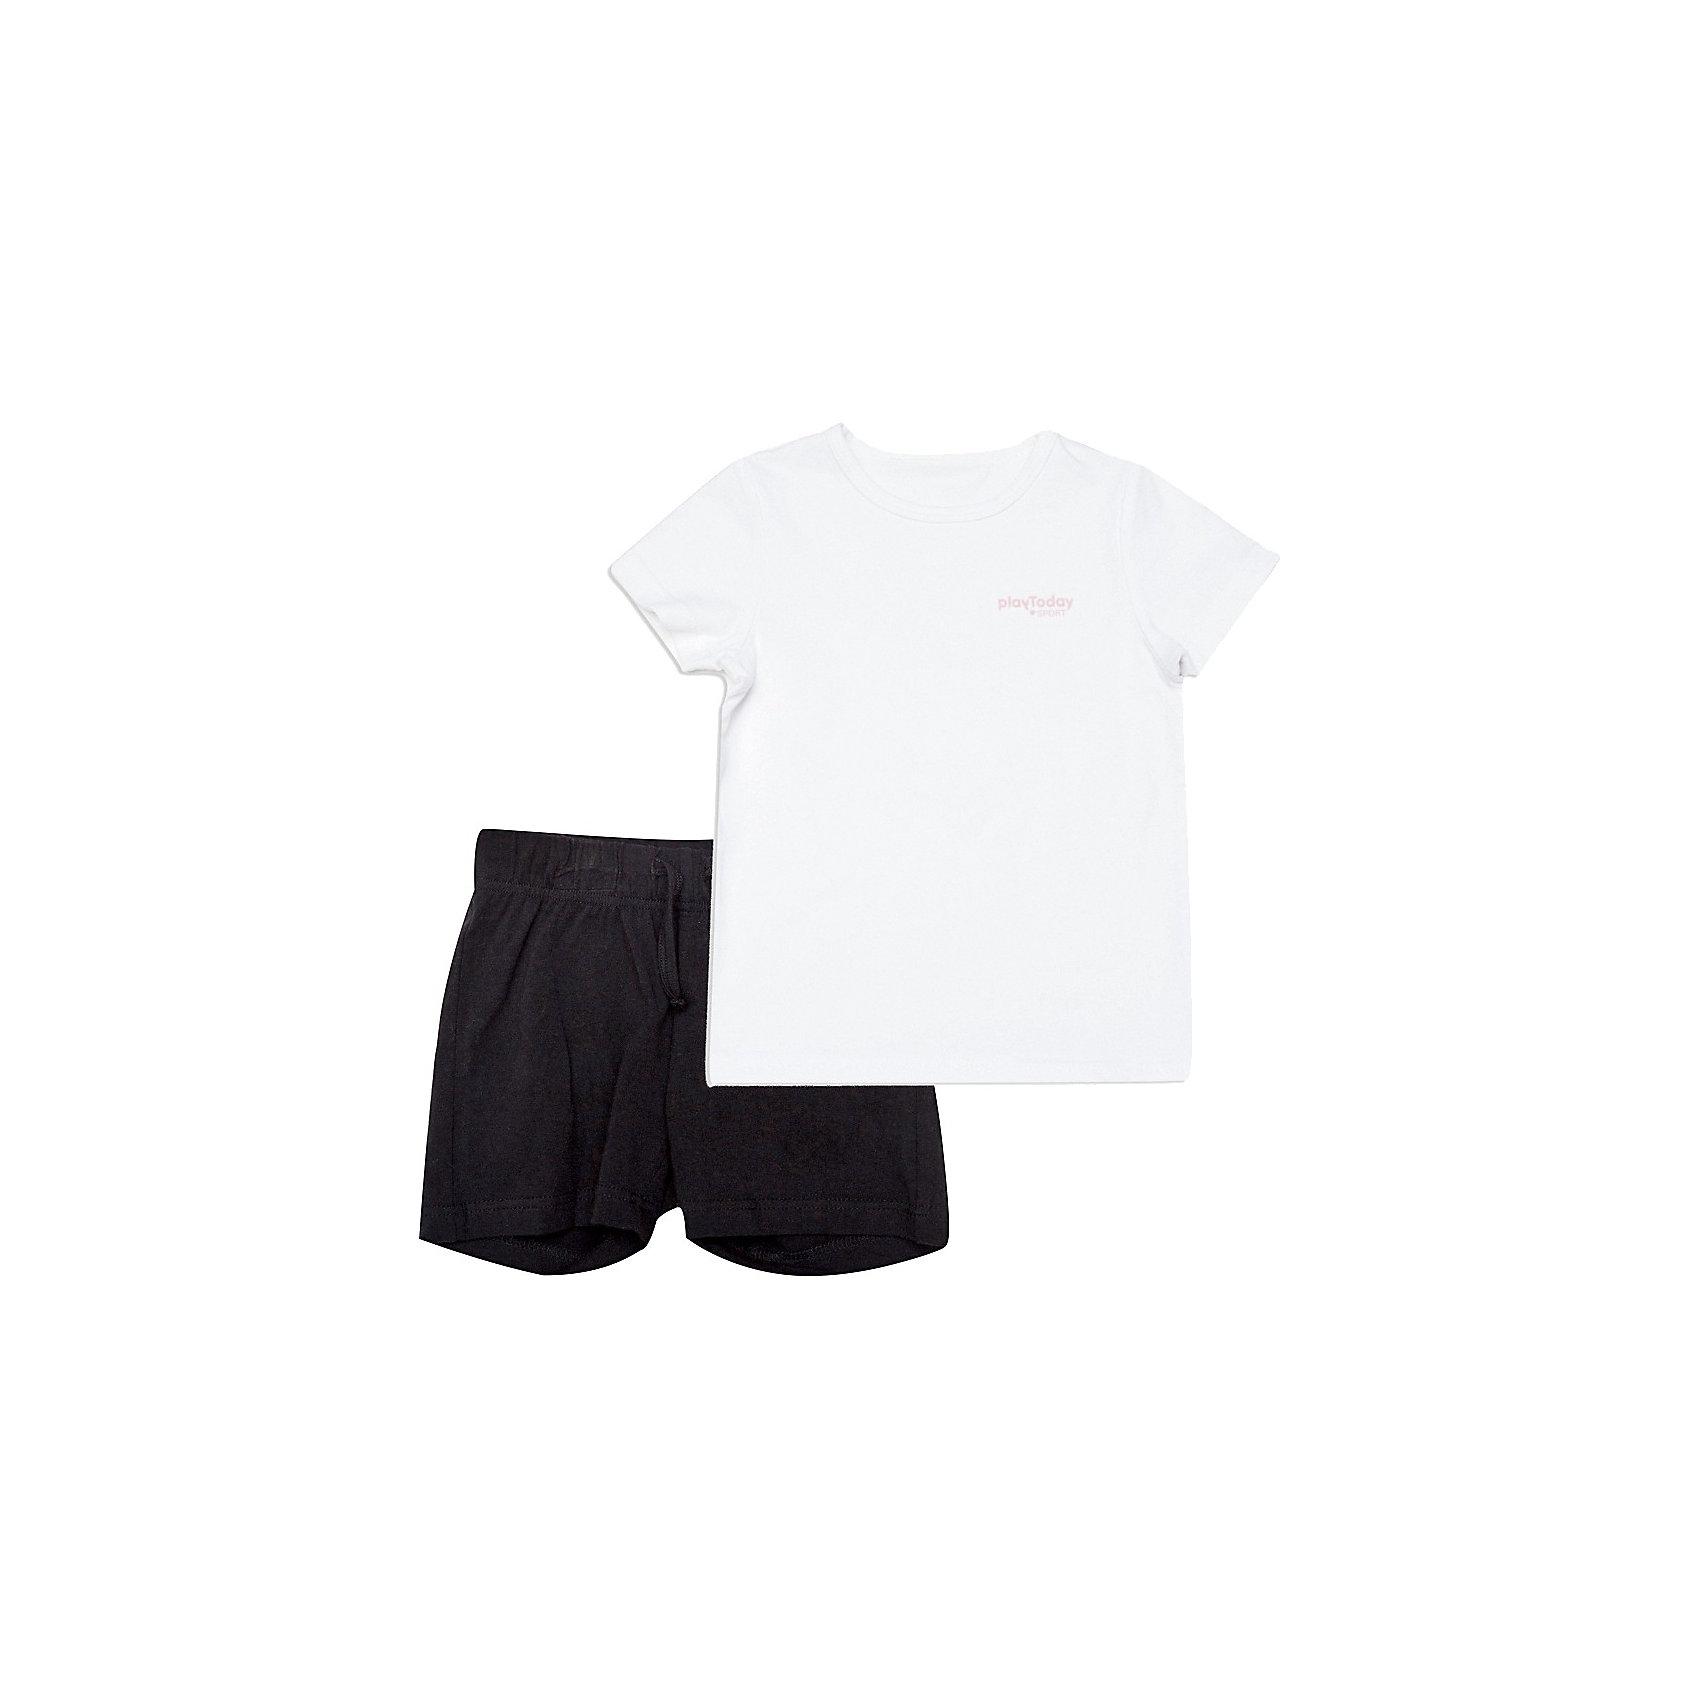 Комплект для девочки: футболка и шорты PlayTodayКомплект для девочки: футболка и шорты  от известной марки PlayToday<br>* удобный комплект, состоящий из футболки и шорт<br>* эластичный трикотаж<br>* горловина футболки обработана трикотажной бейкой<br>* пояс на внутренней резинке, регулируется шнурком<br>Состав:<br>95% хлопок, 5% эластан<br><br>Ширина мм: 199<br>Глубина мм: 10<br>Высота мм: 161<br>Вес г: 151<br>Цвет: белый<br>Возраст от месяцев: 24<br>Возраст до месяцев: 36<br>Пол: Женский<br>Возраст: Детский<br>Размер: 98,104,122,128,116,110<br>SKU: 3742394